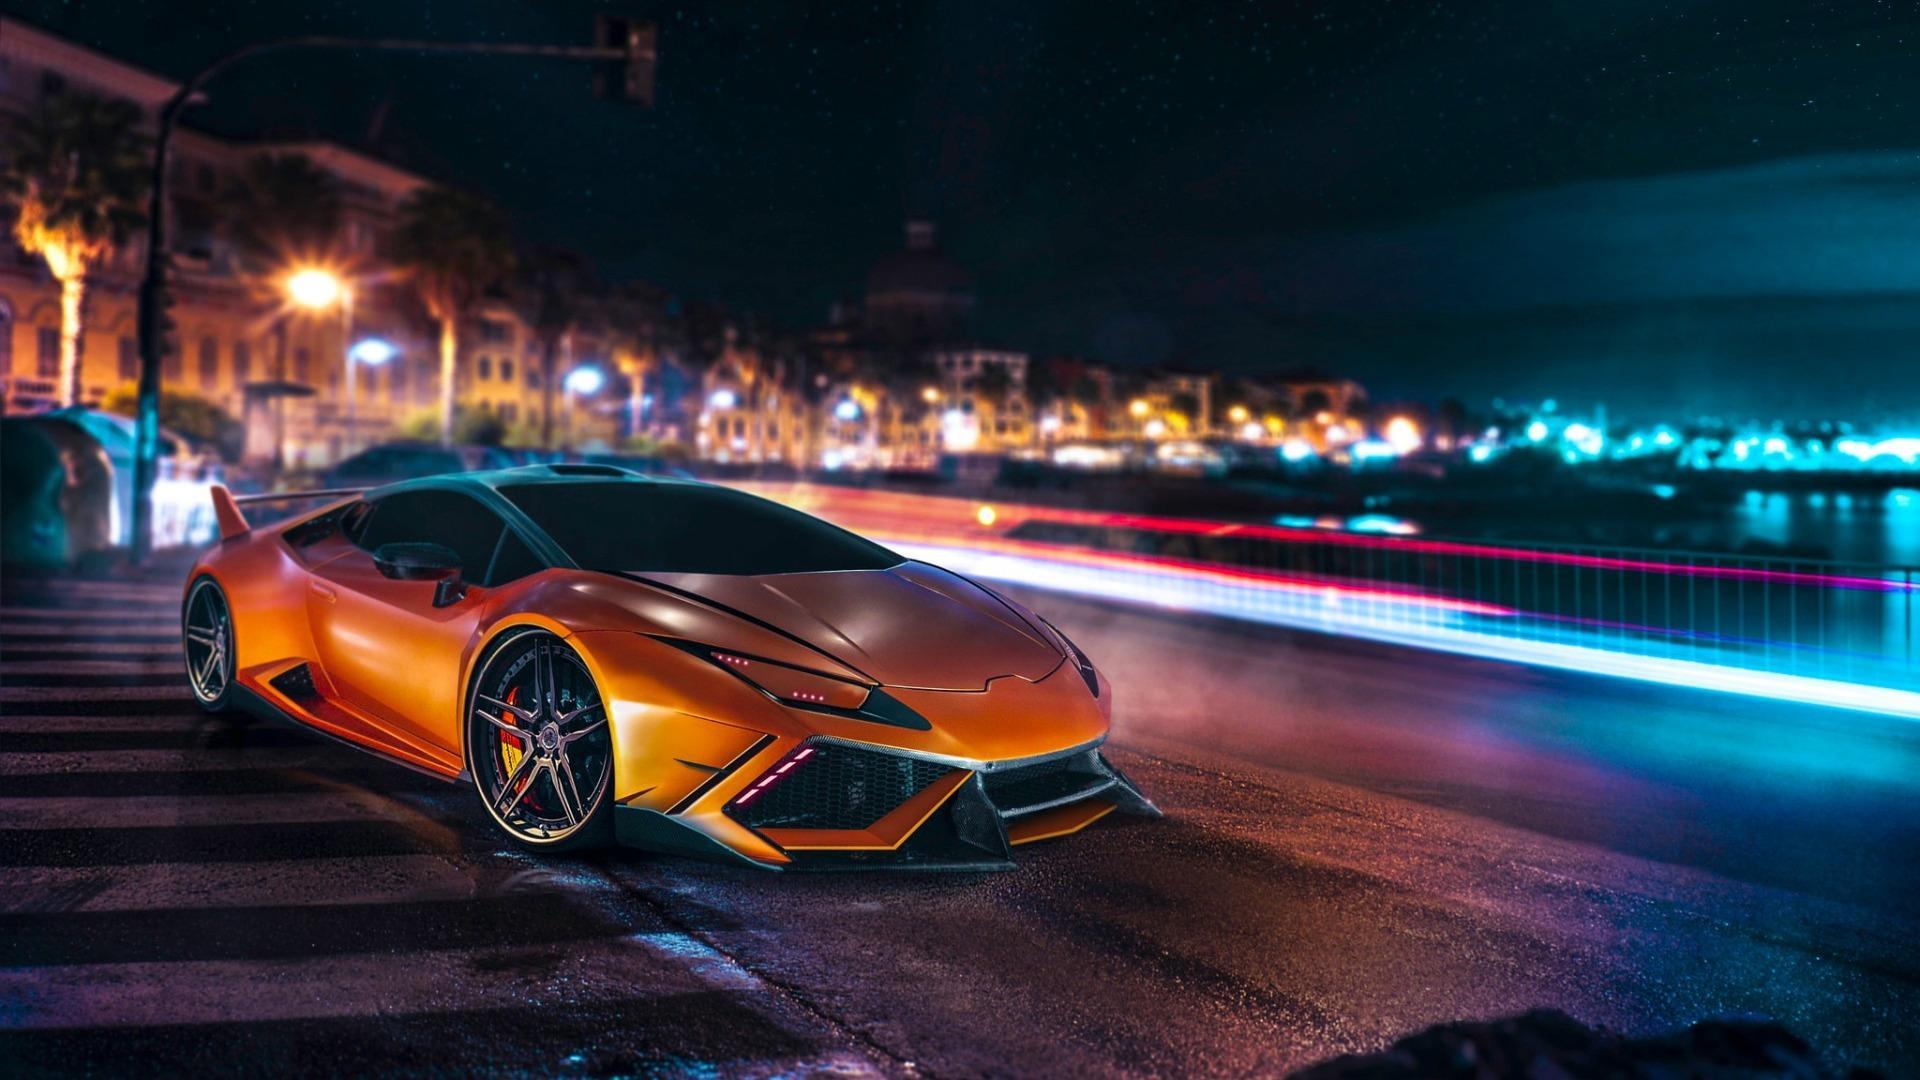 Lamborghini Wallpapers 12 Lamborghini Huracan 127301